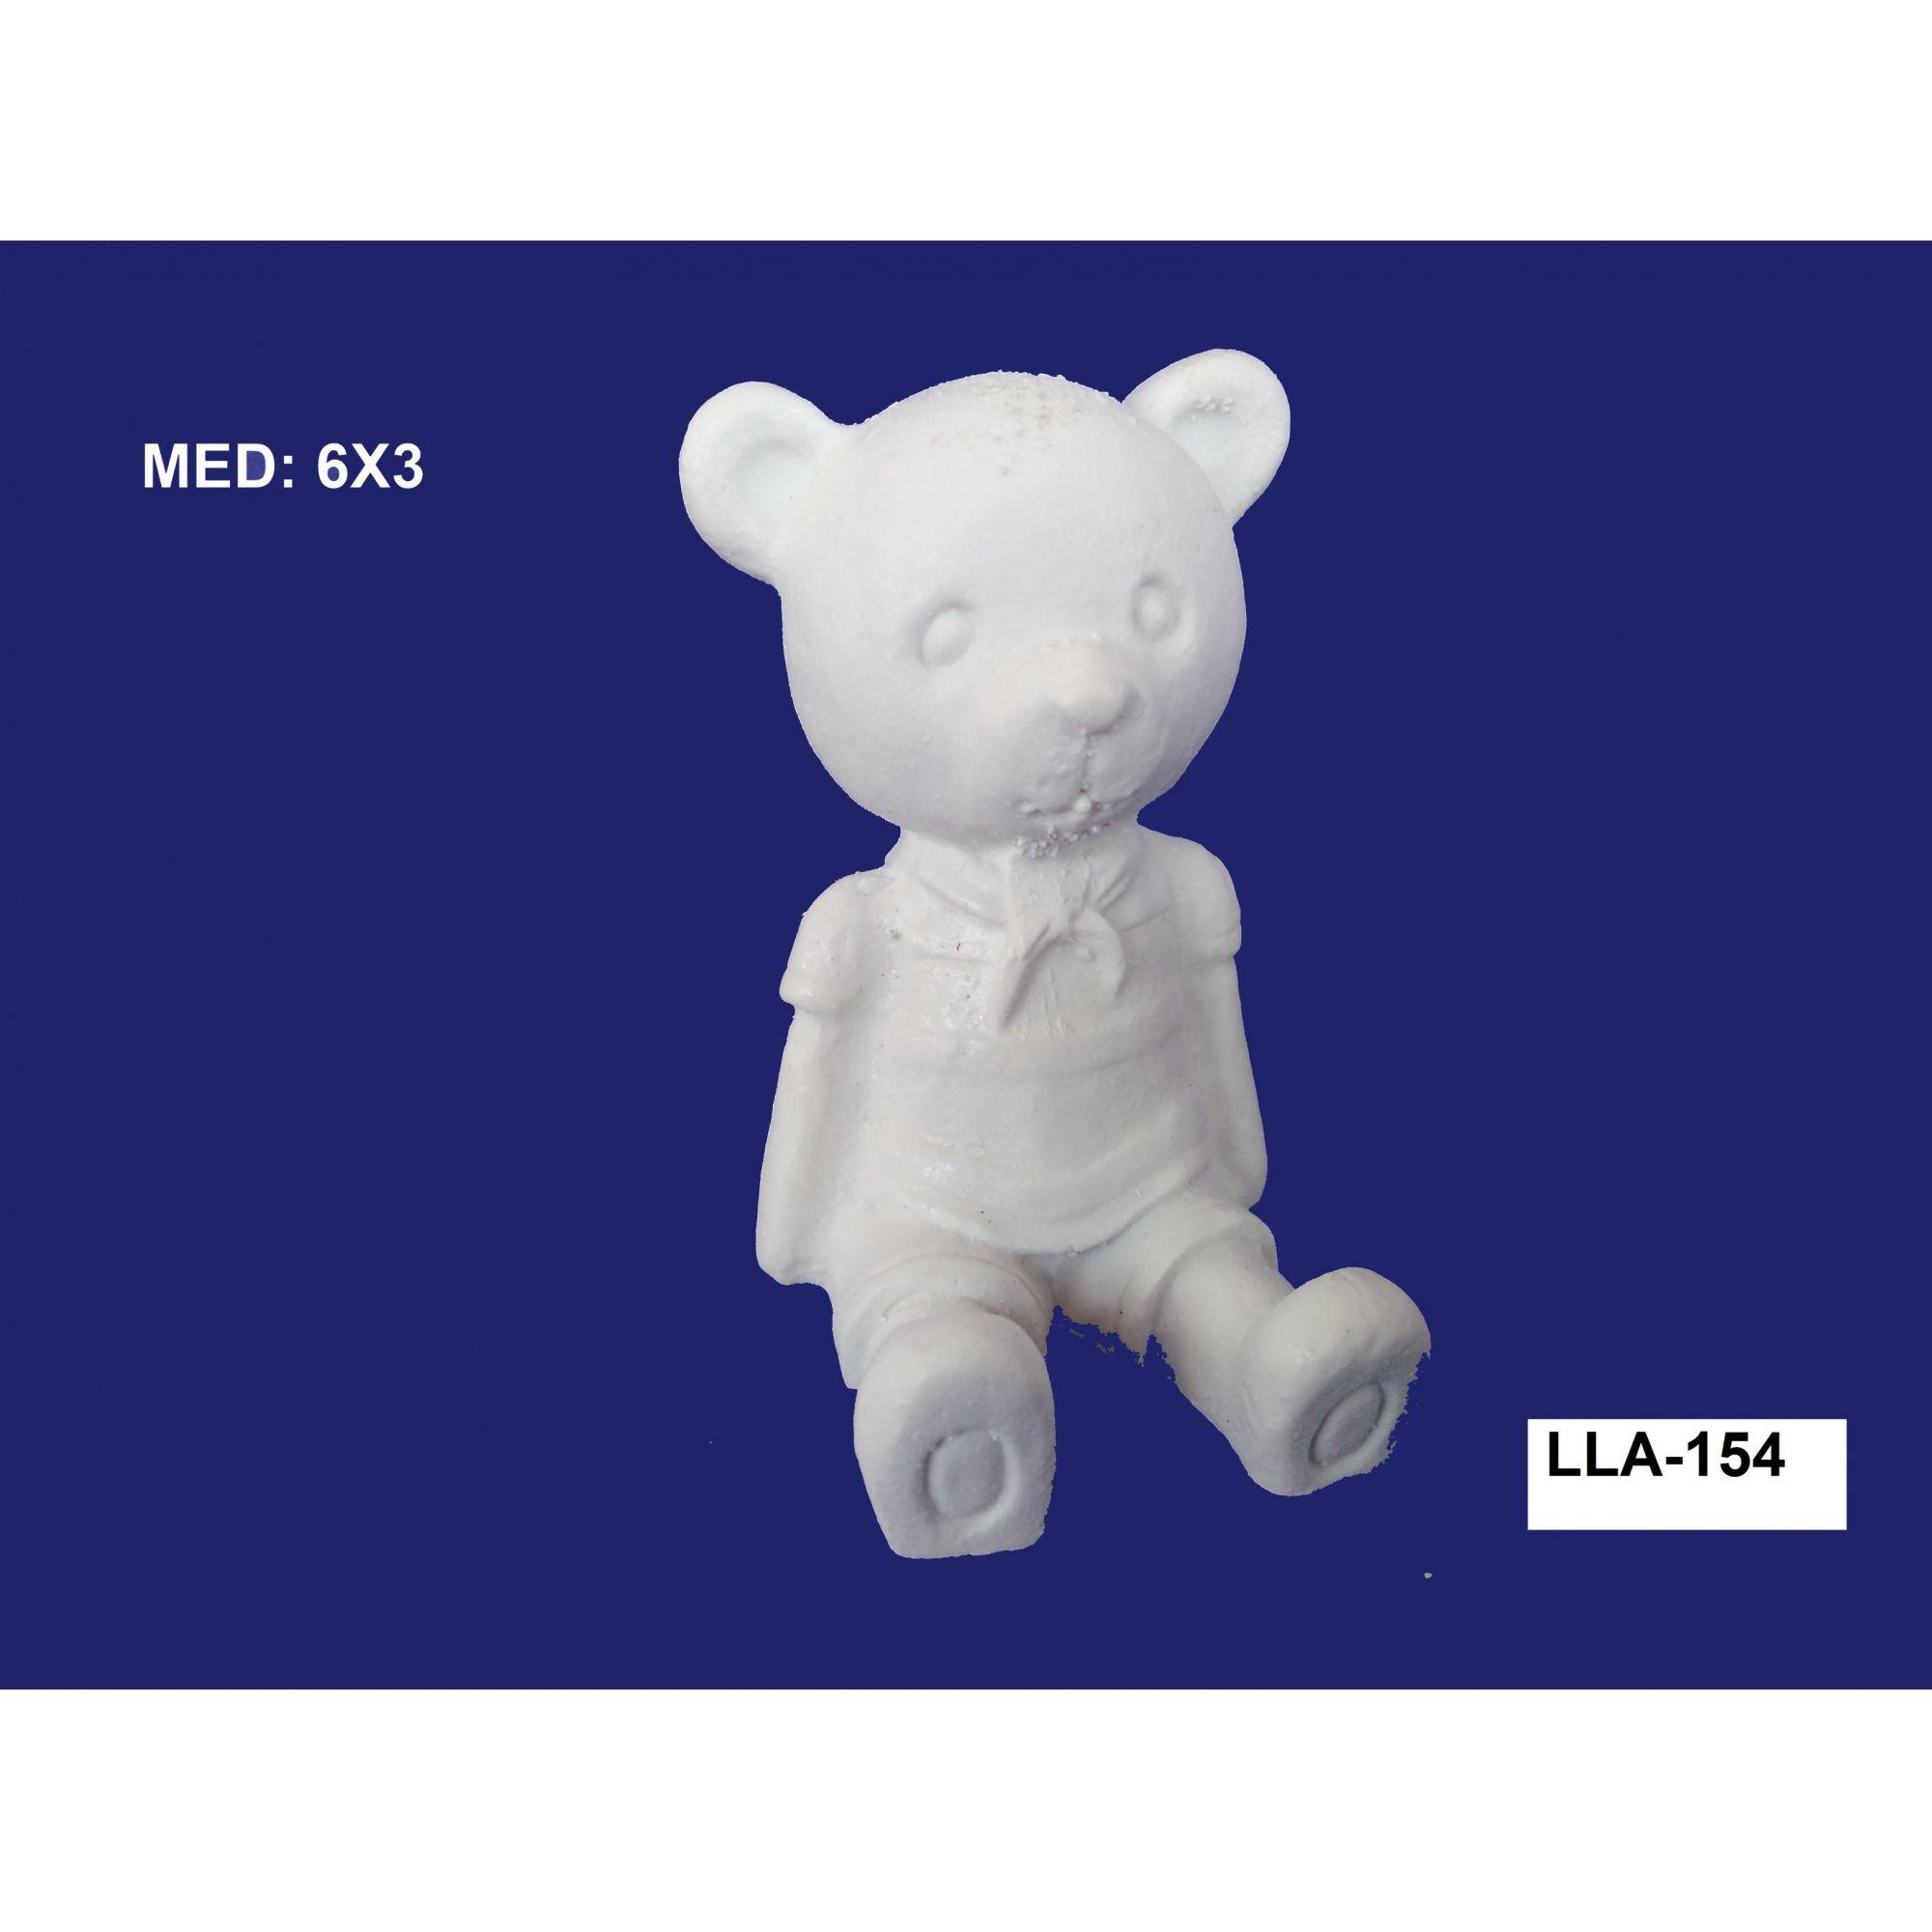 LLA-154 URSO 3D 06X03CM